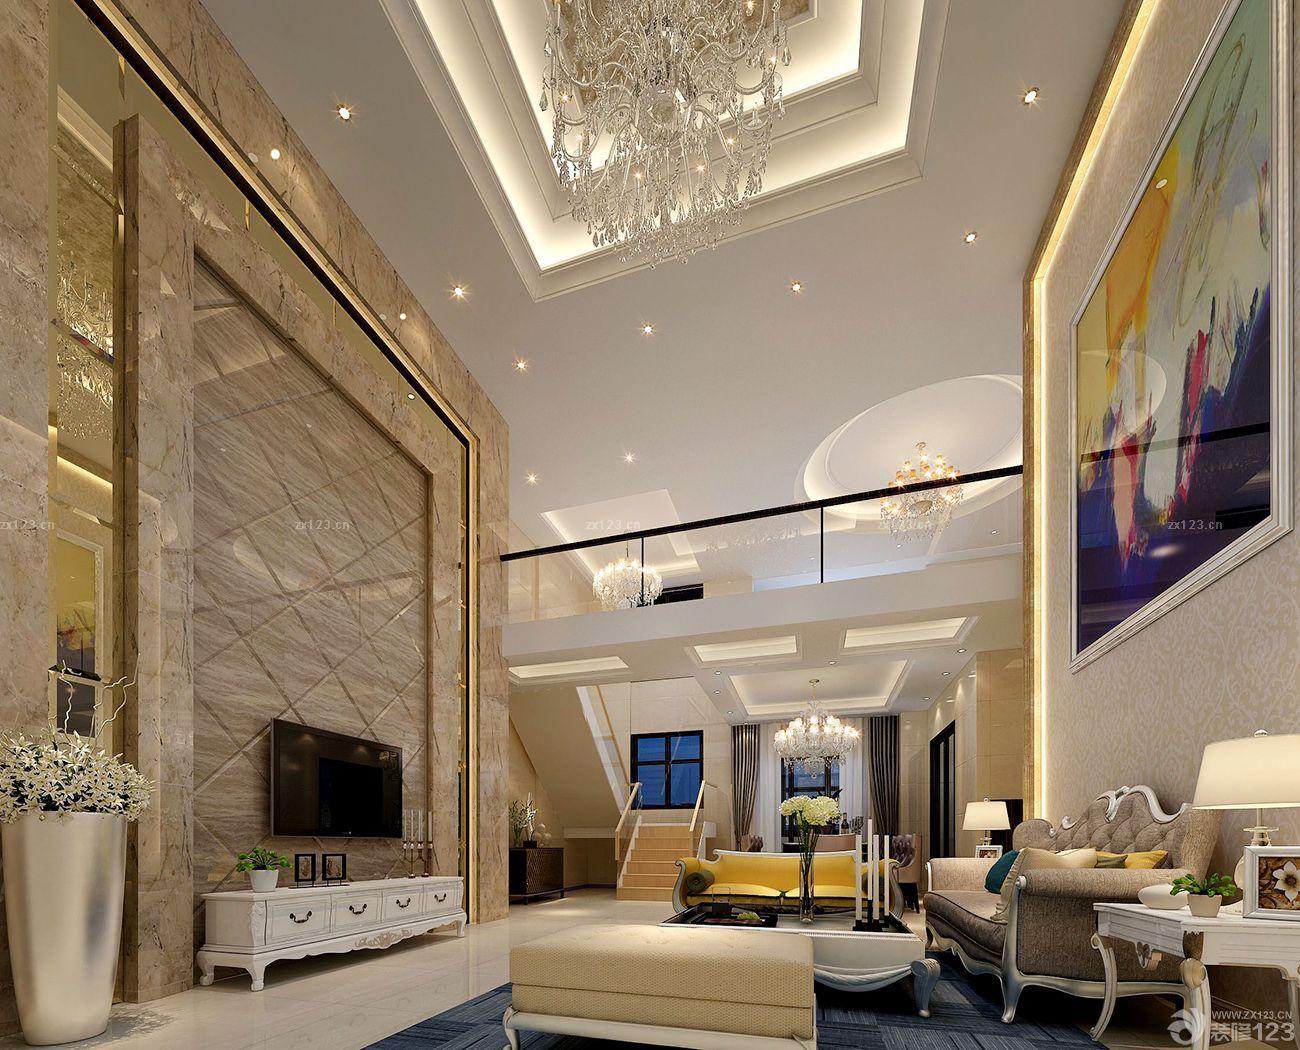 现代复式楼电视背景墙造型设计装修效果图图片